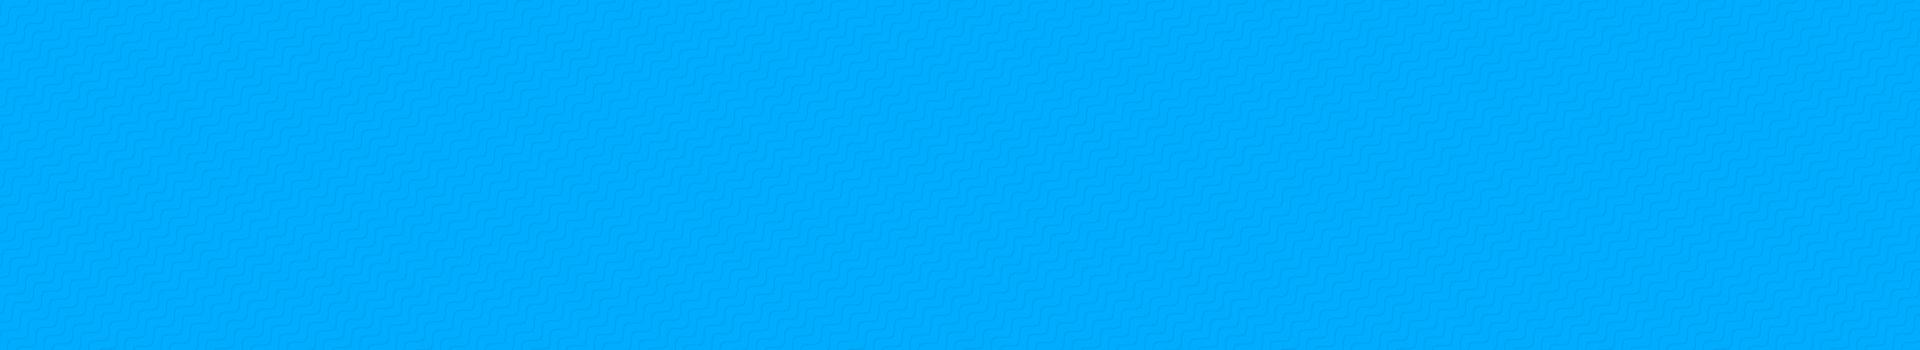 Slide_ensinodigital_libras_uber_bh